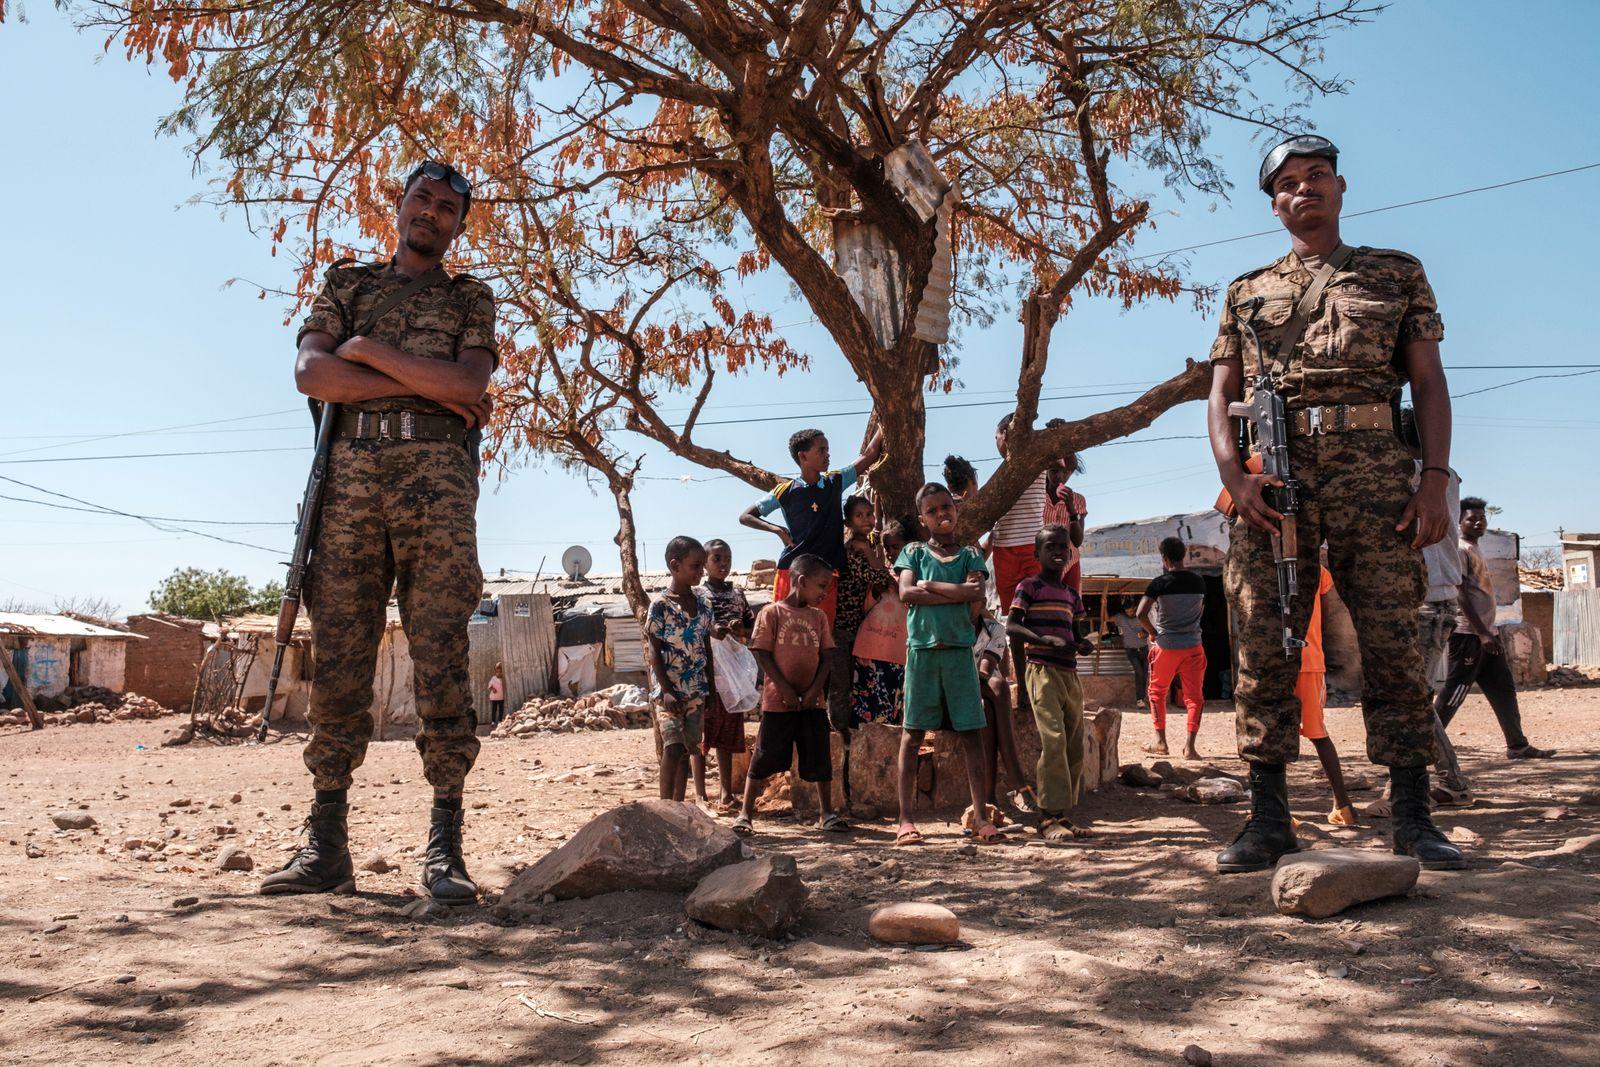 ETHIOPIA-ERITREA-REFUGEE-CONFLICT